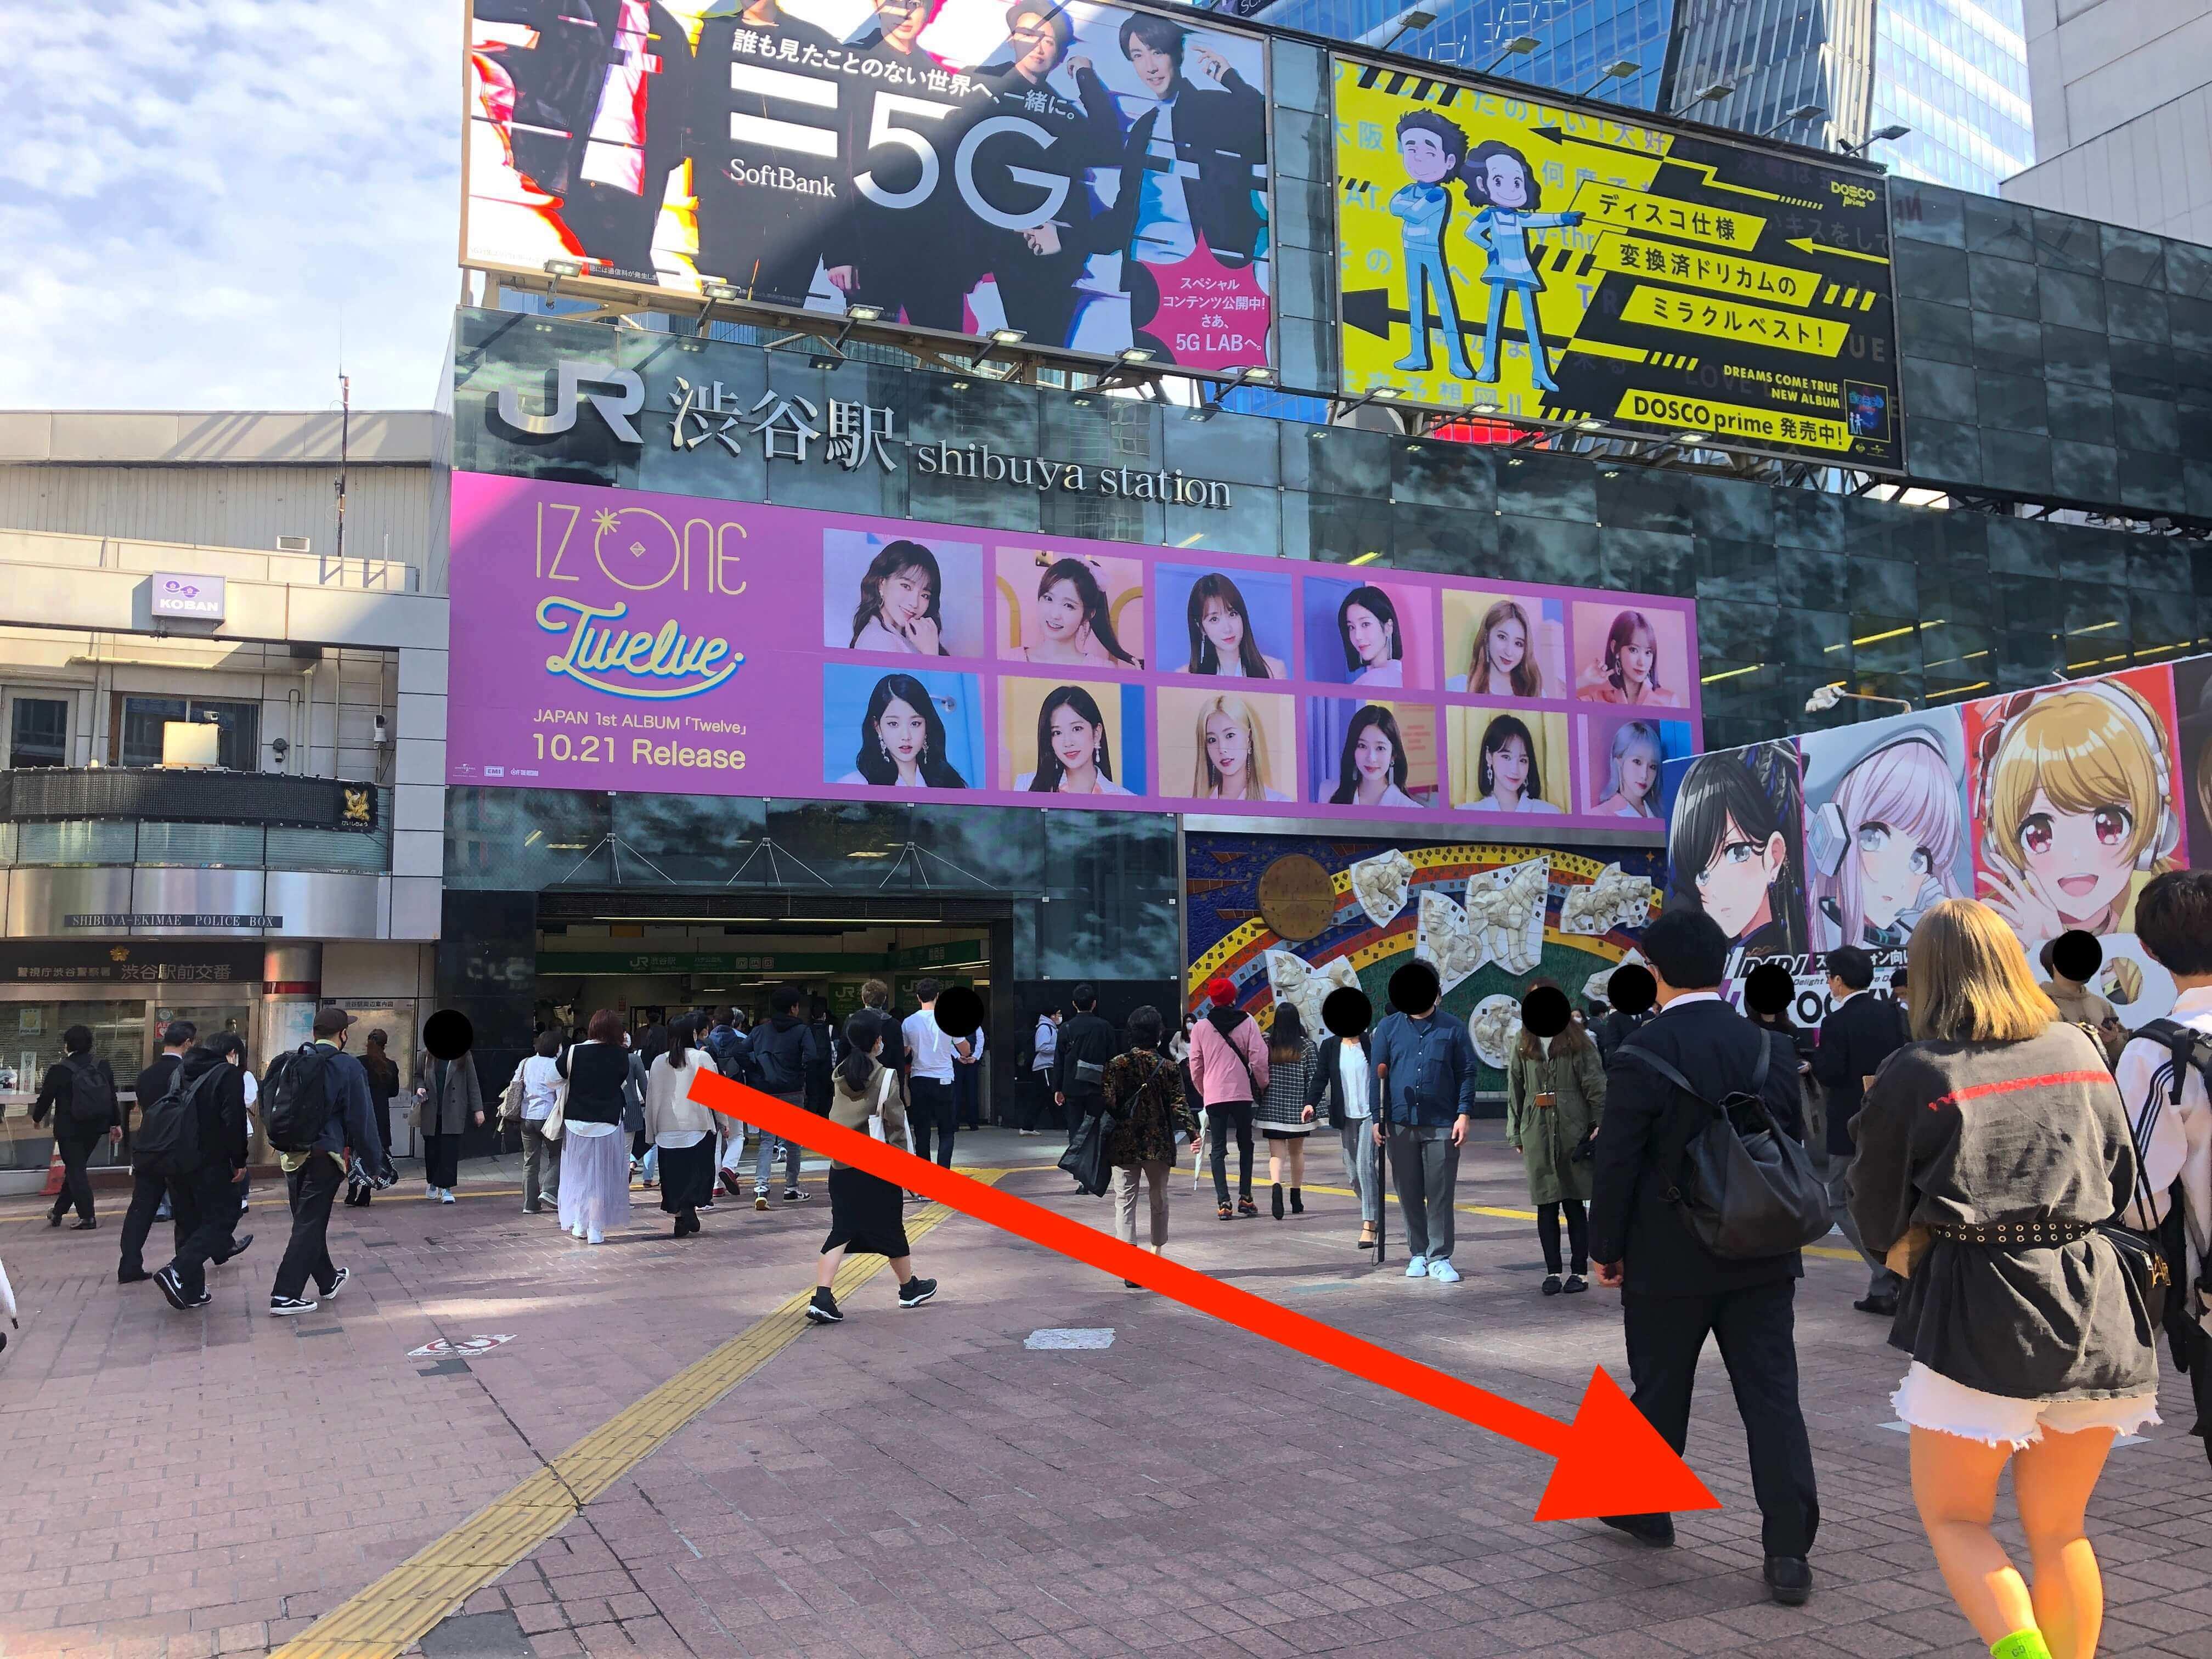 JR渋谷駅ハチ公出口から行き方1